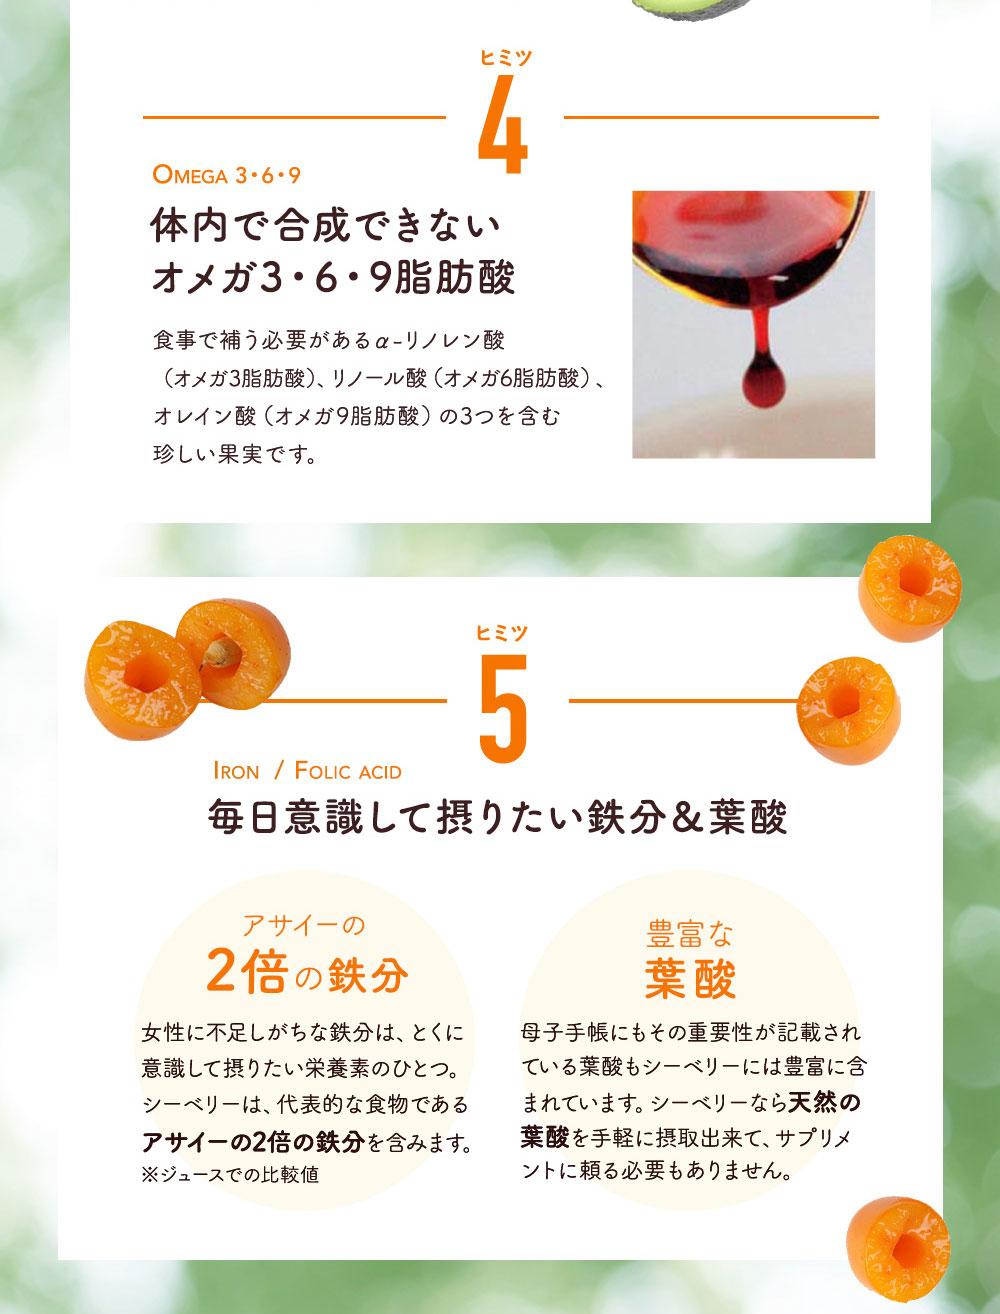 オメガ3・6・9脂肪酸